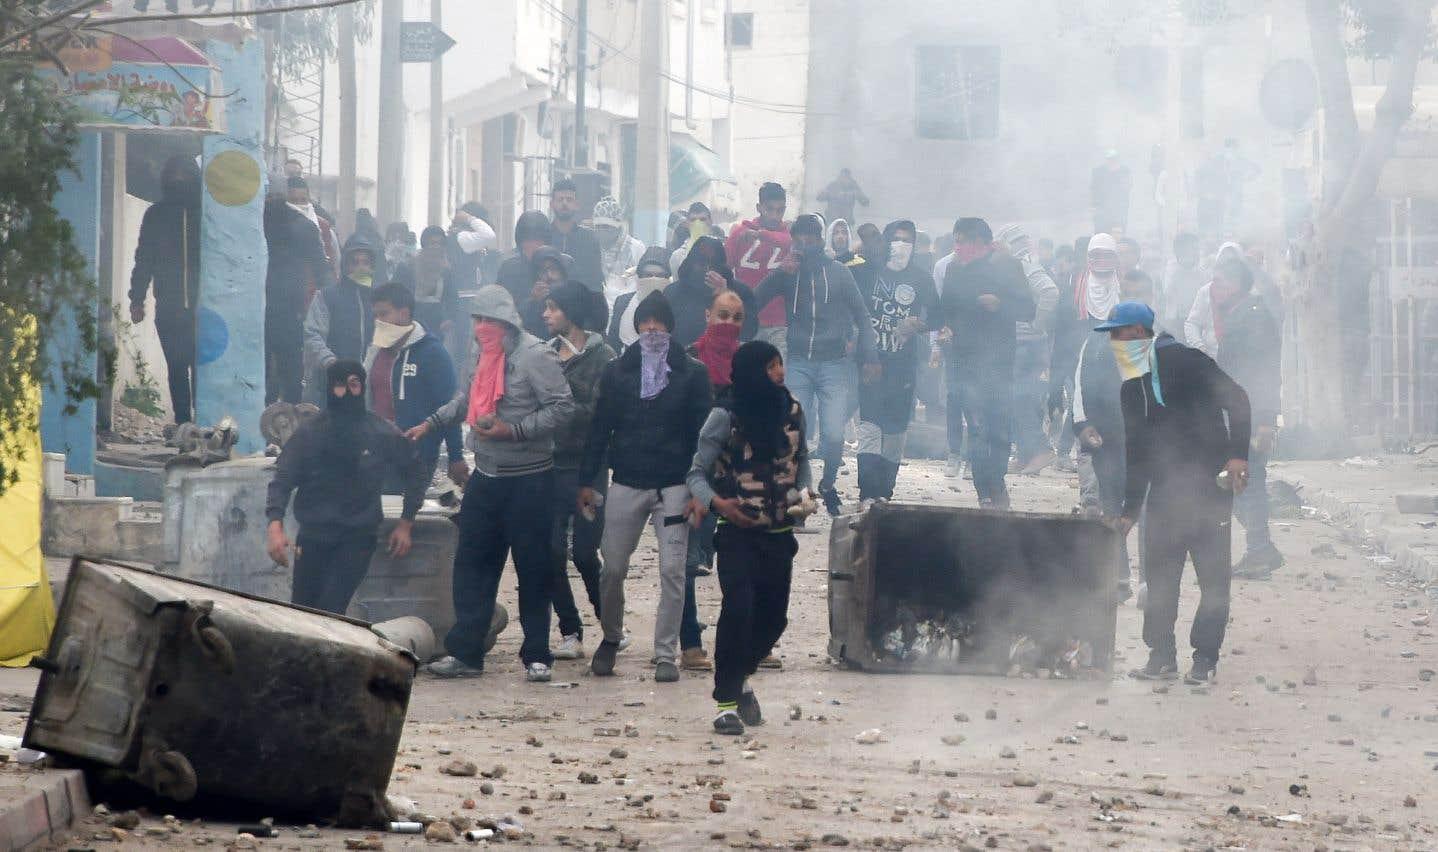 Des manifestants, mardi, à Tebourba, au lendemain de la mort d'un homme pendant la première nuit de heurts